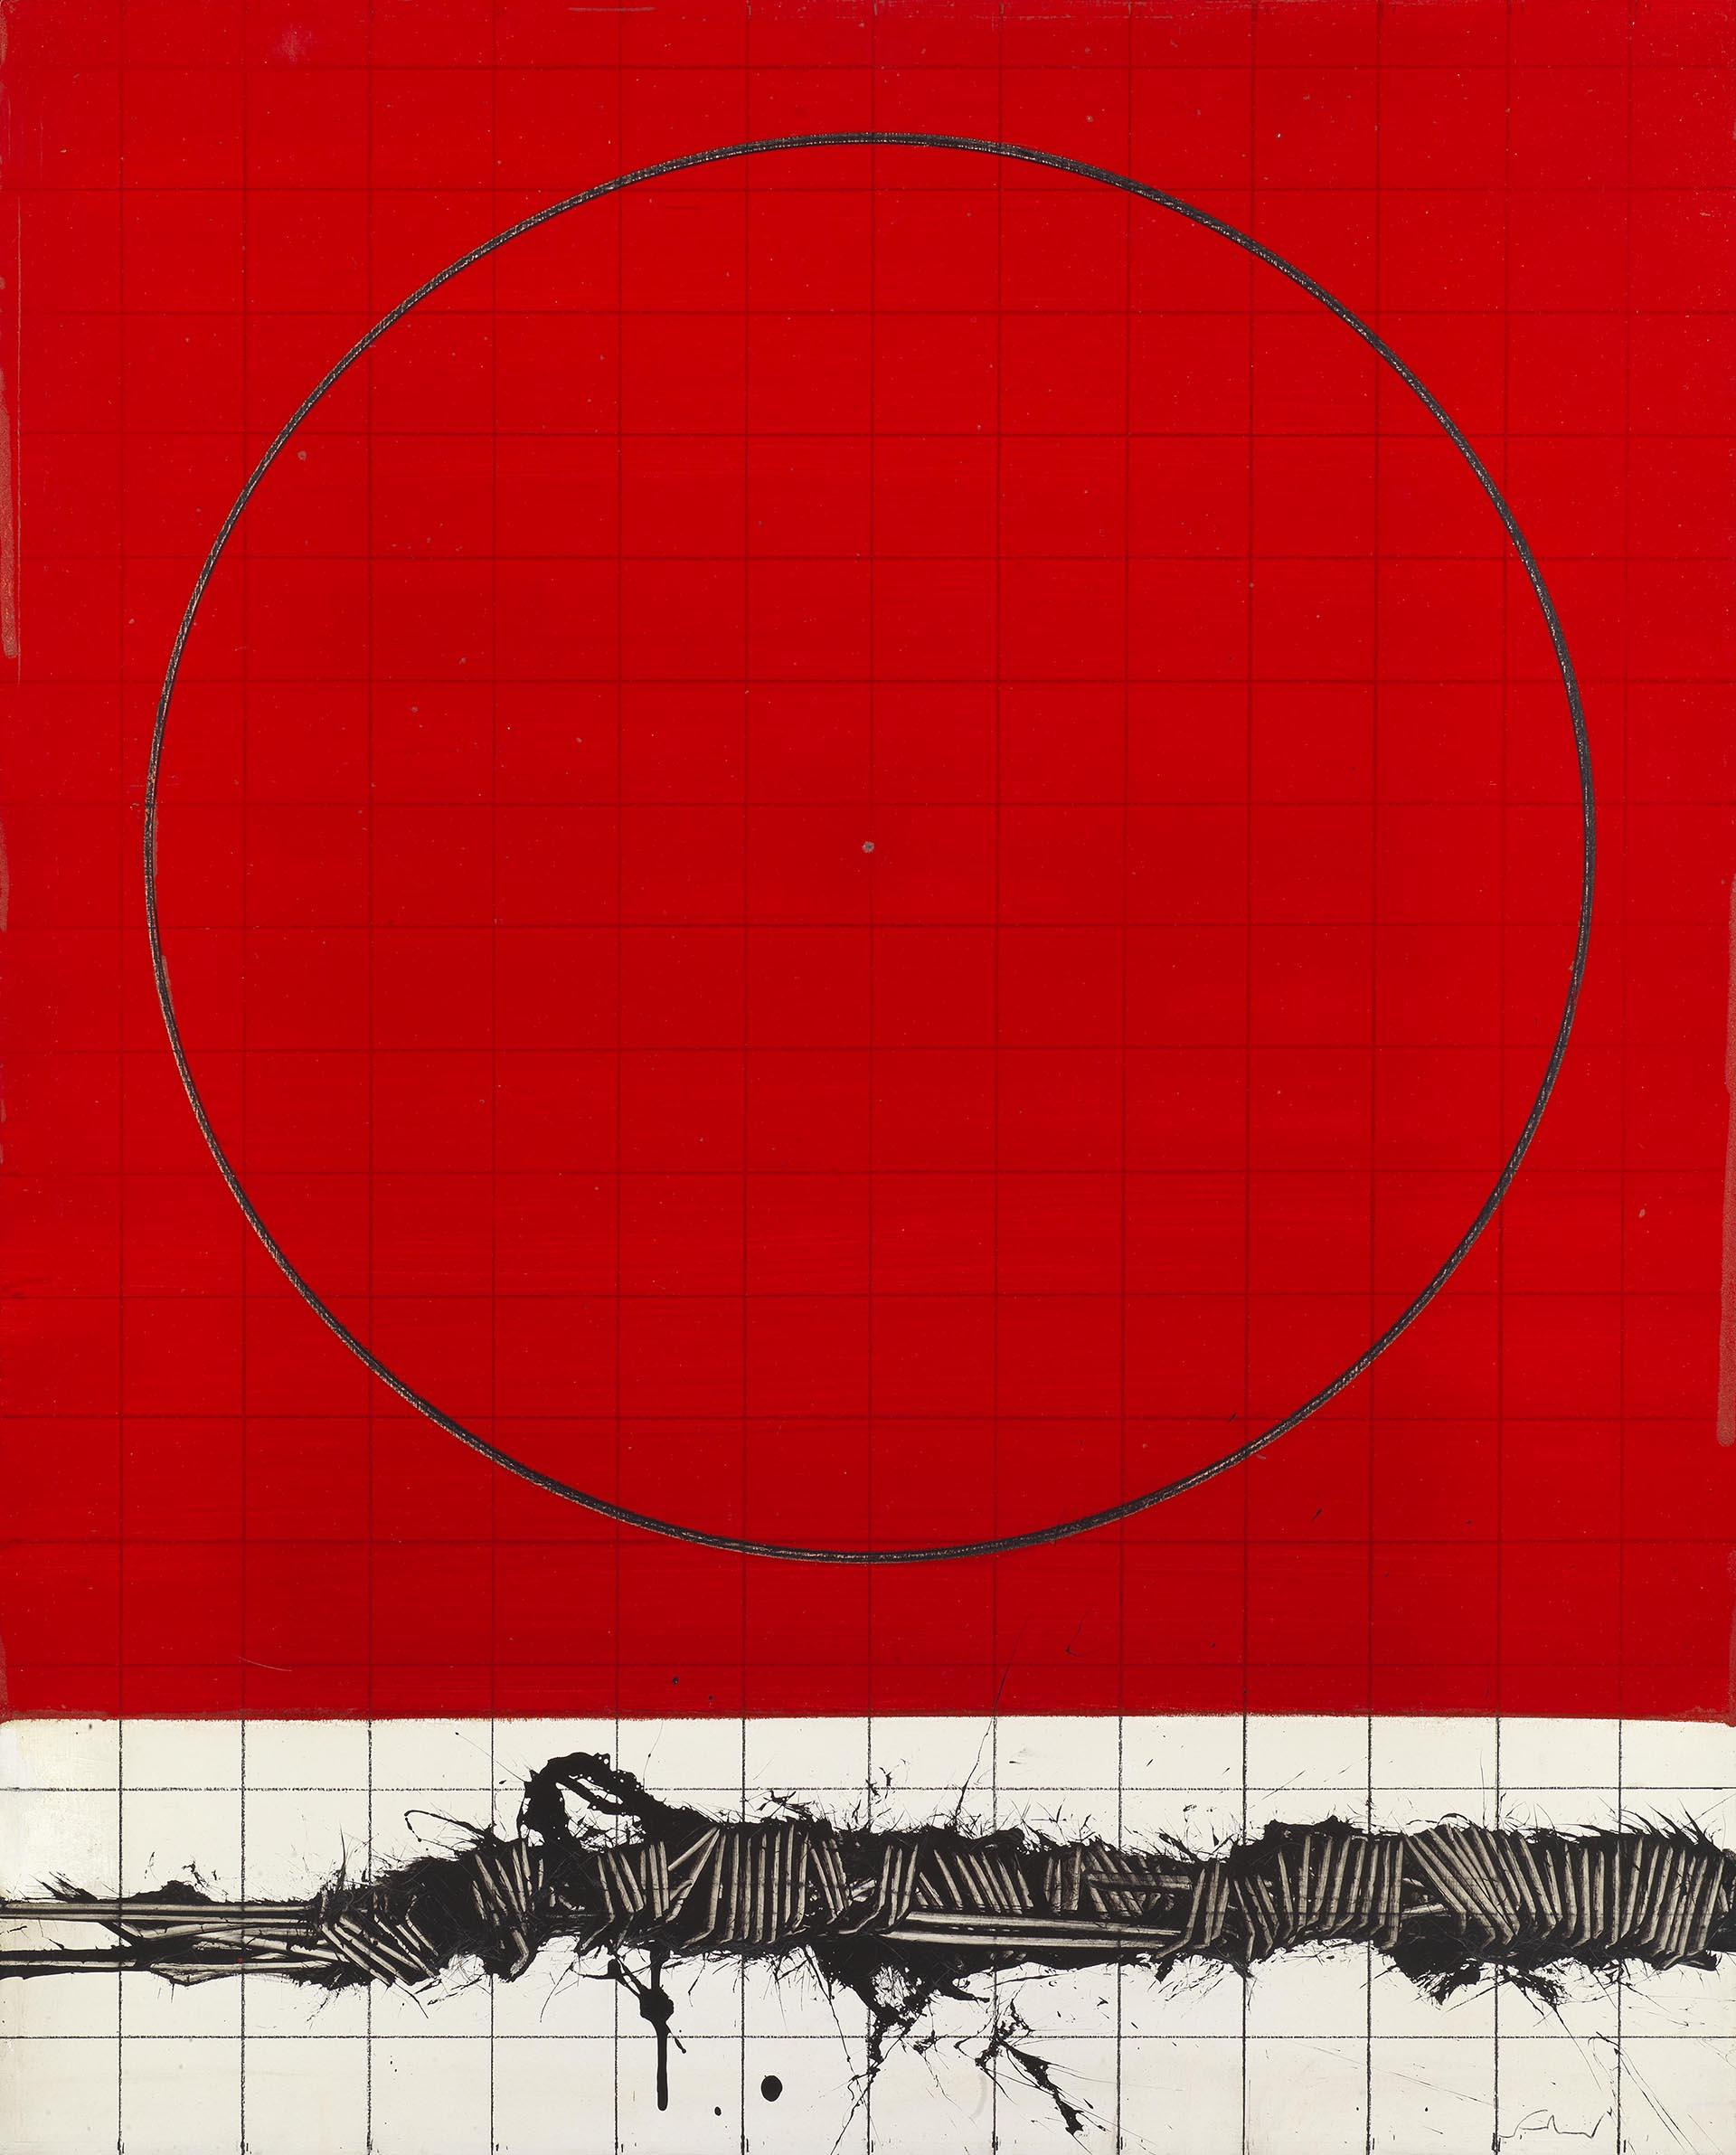 Scanavino, Il cerchio, 1970, 92x73 cm